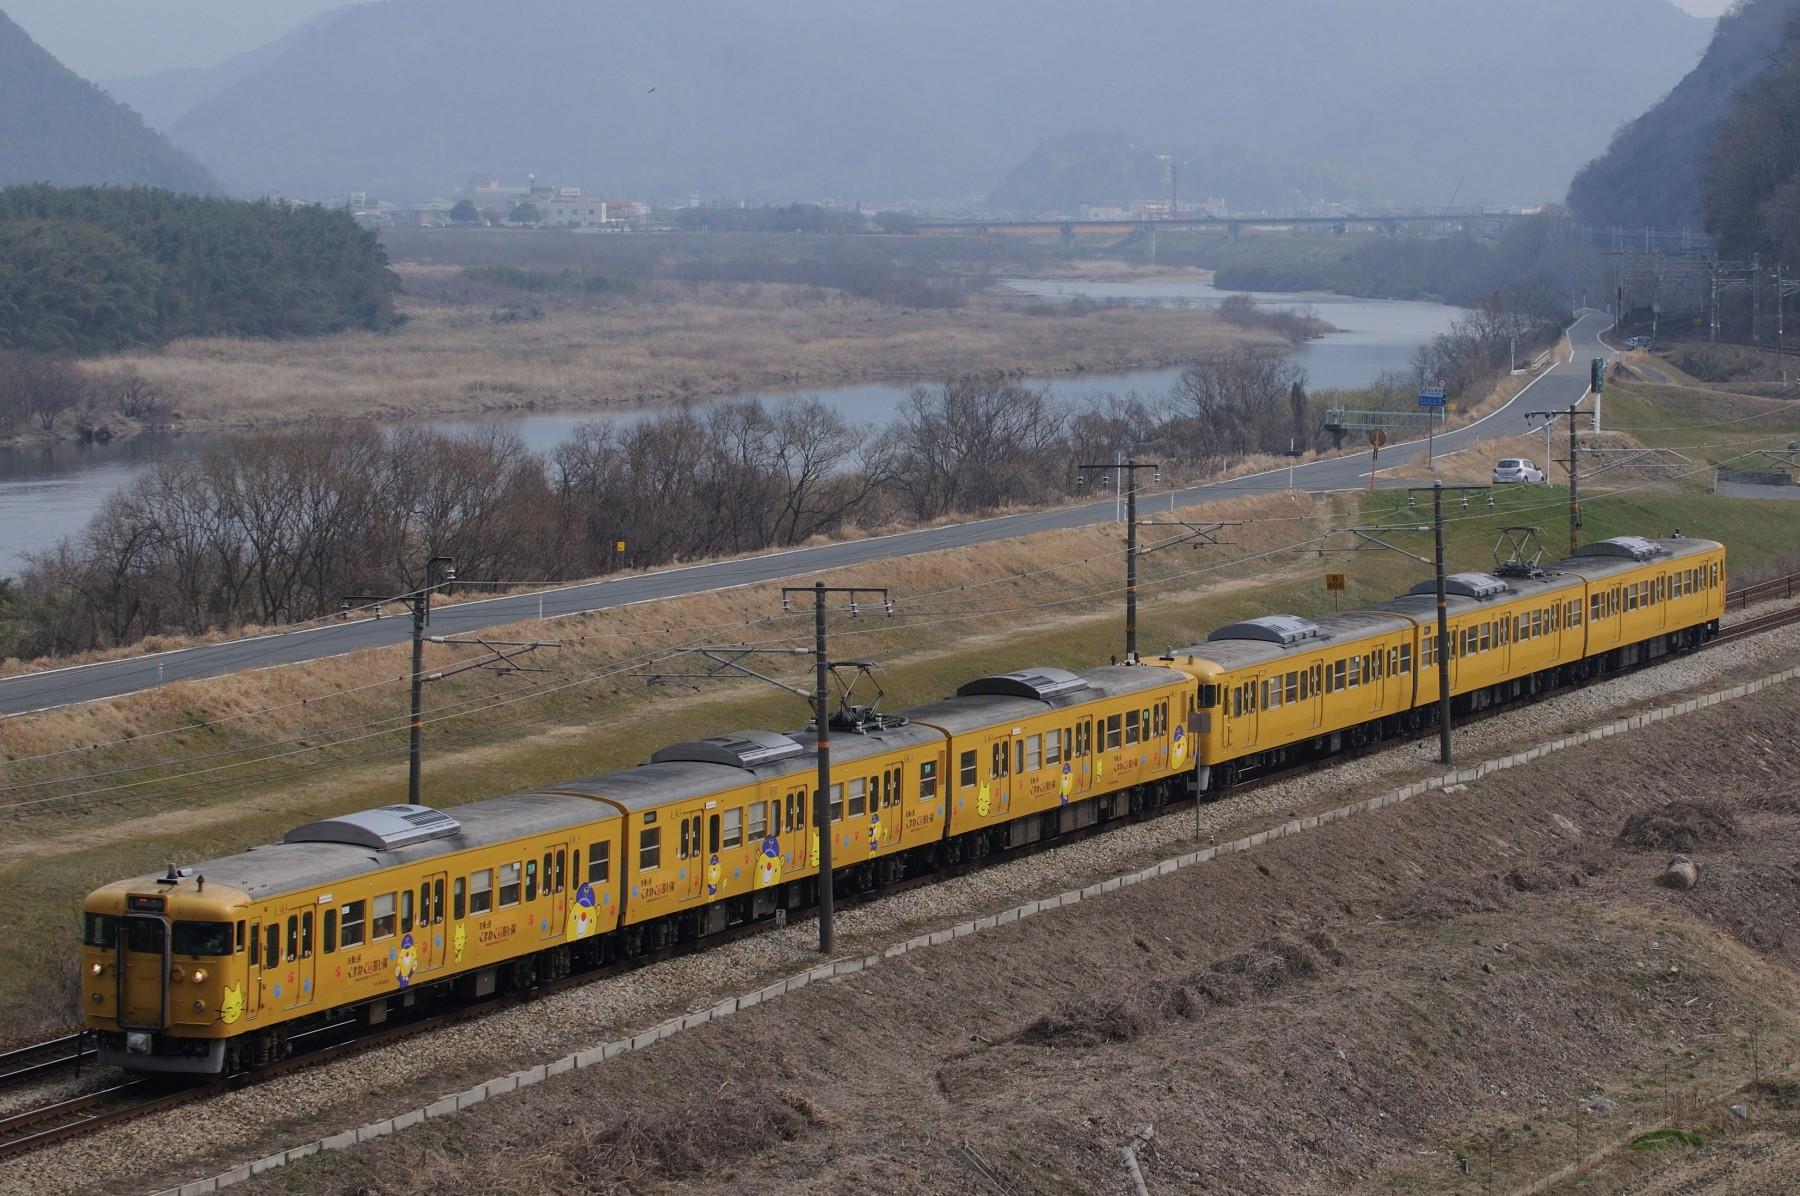 特トワ待ちの間に撮影した列車 その2